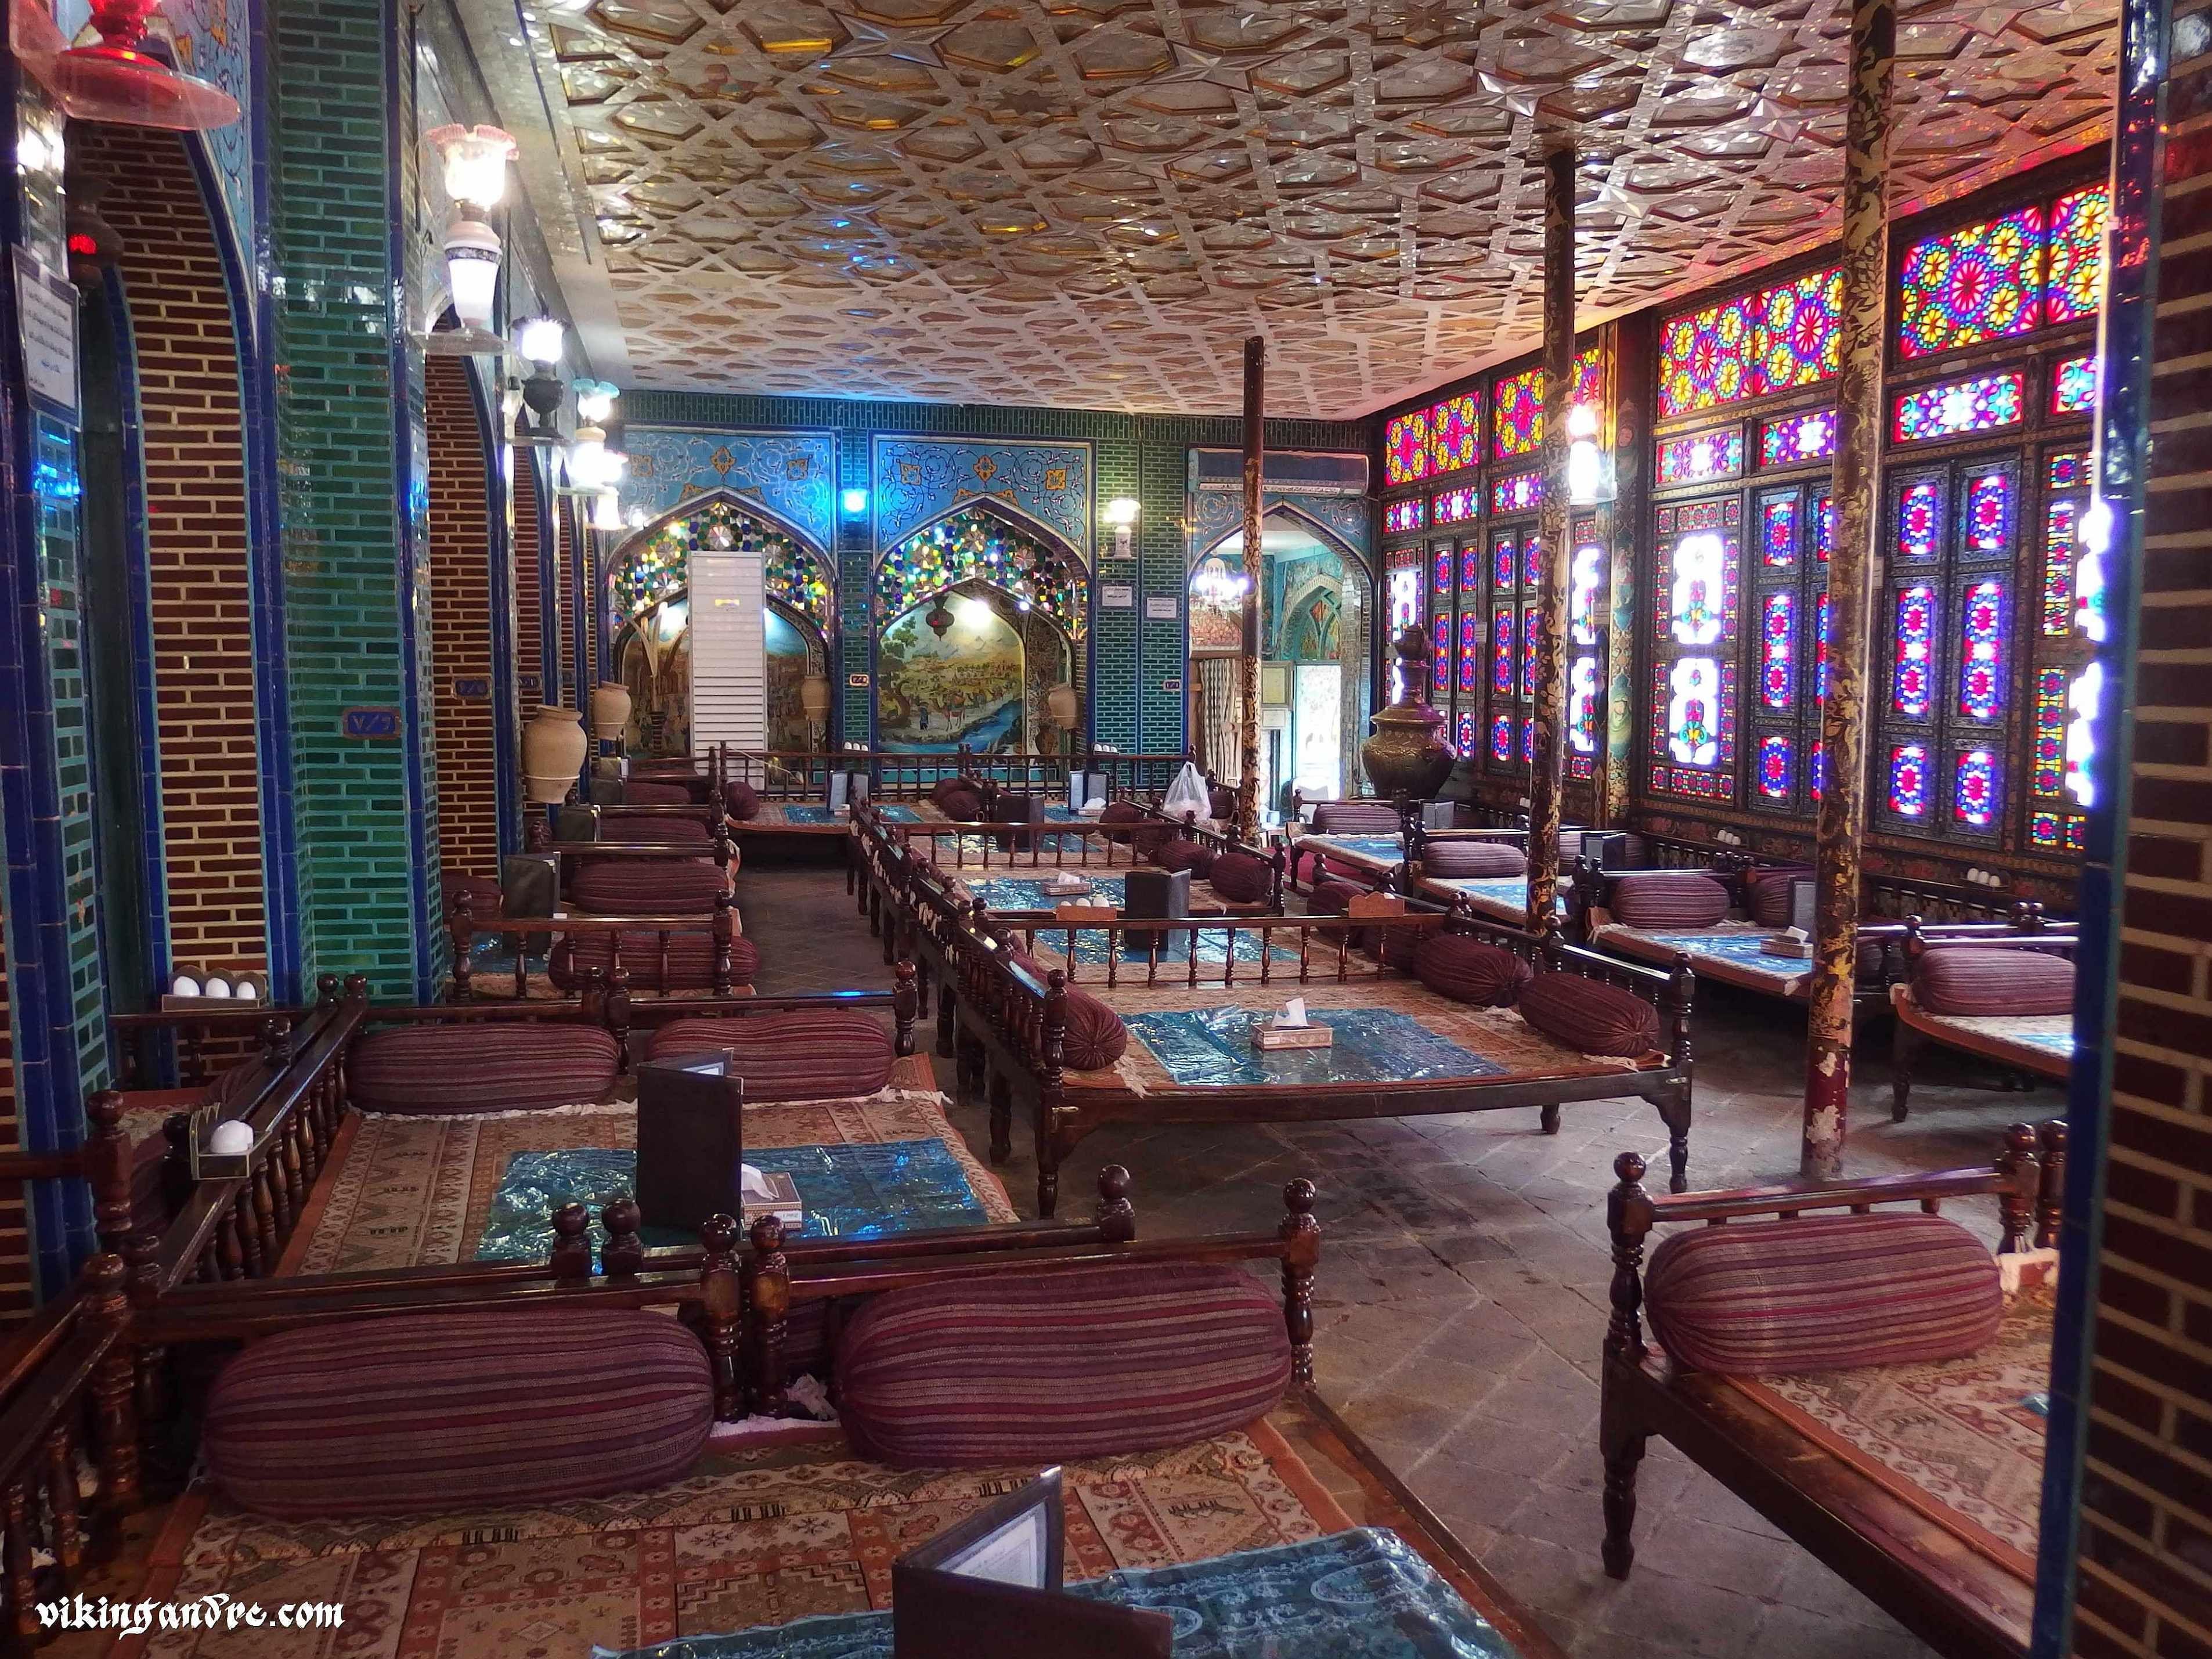 naghshe jahan traditional restaurant, isfahan, iran (andrea, 2017